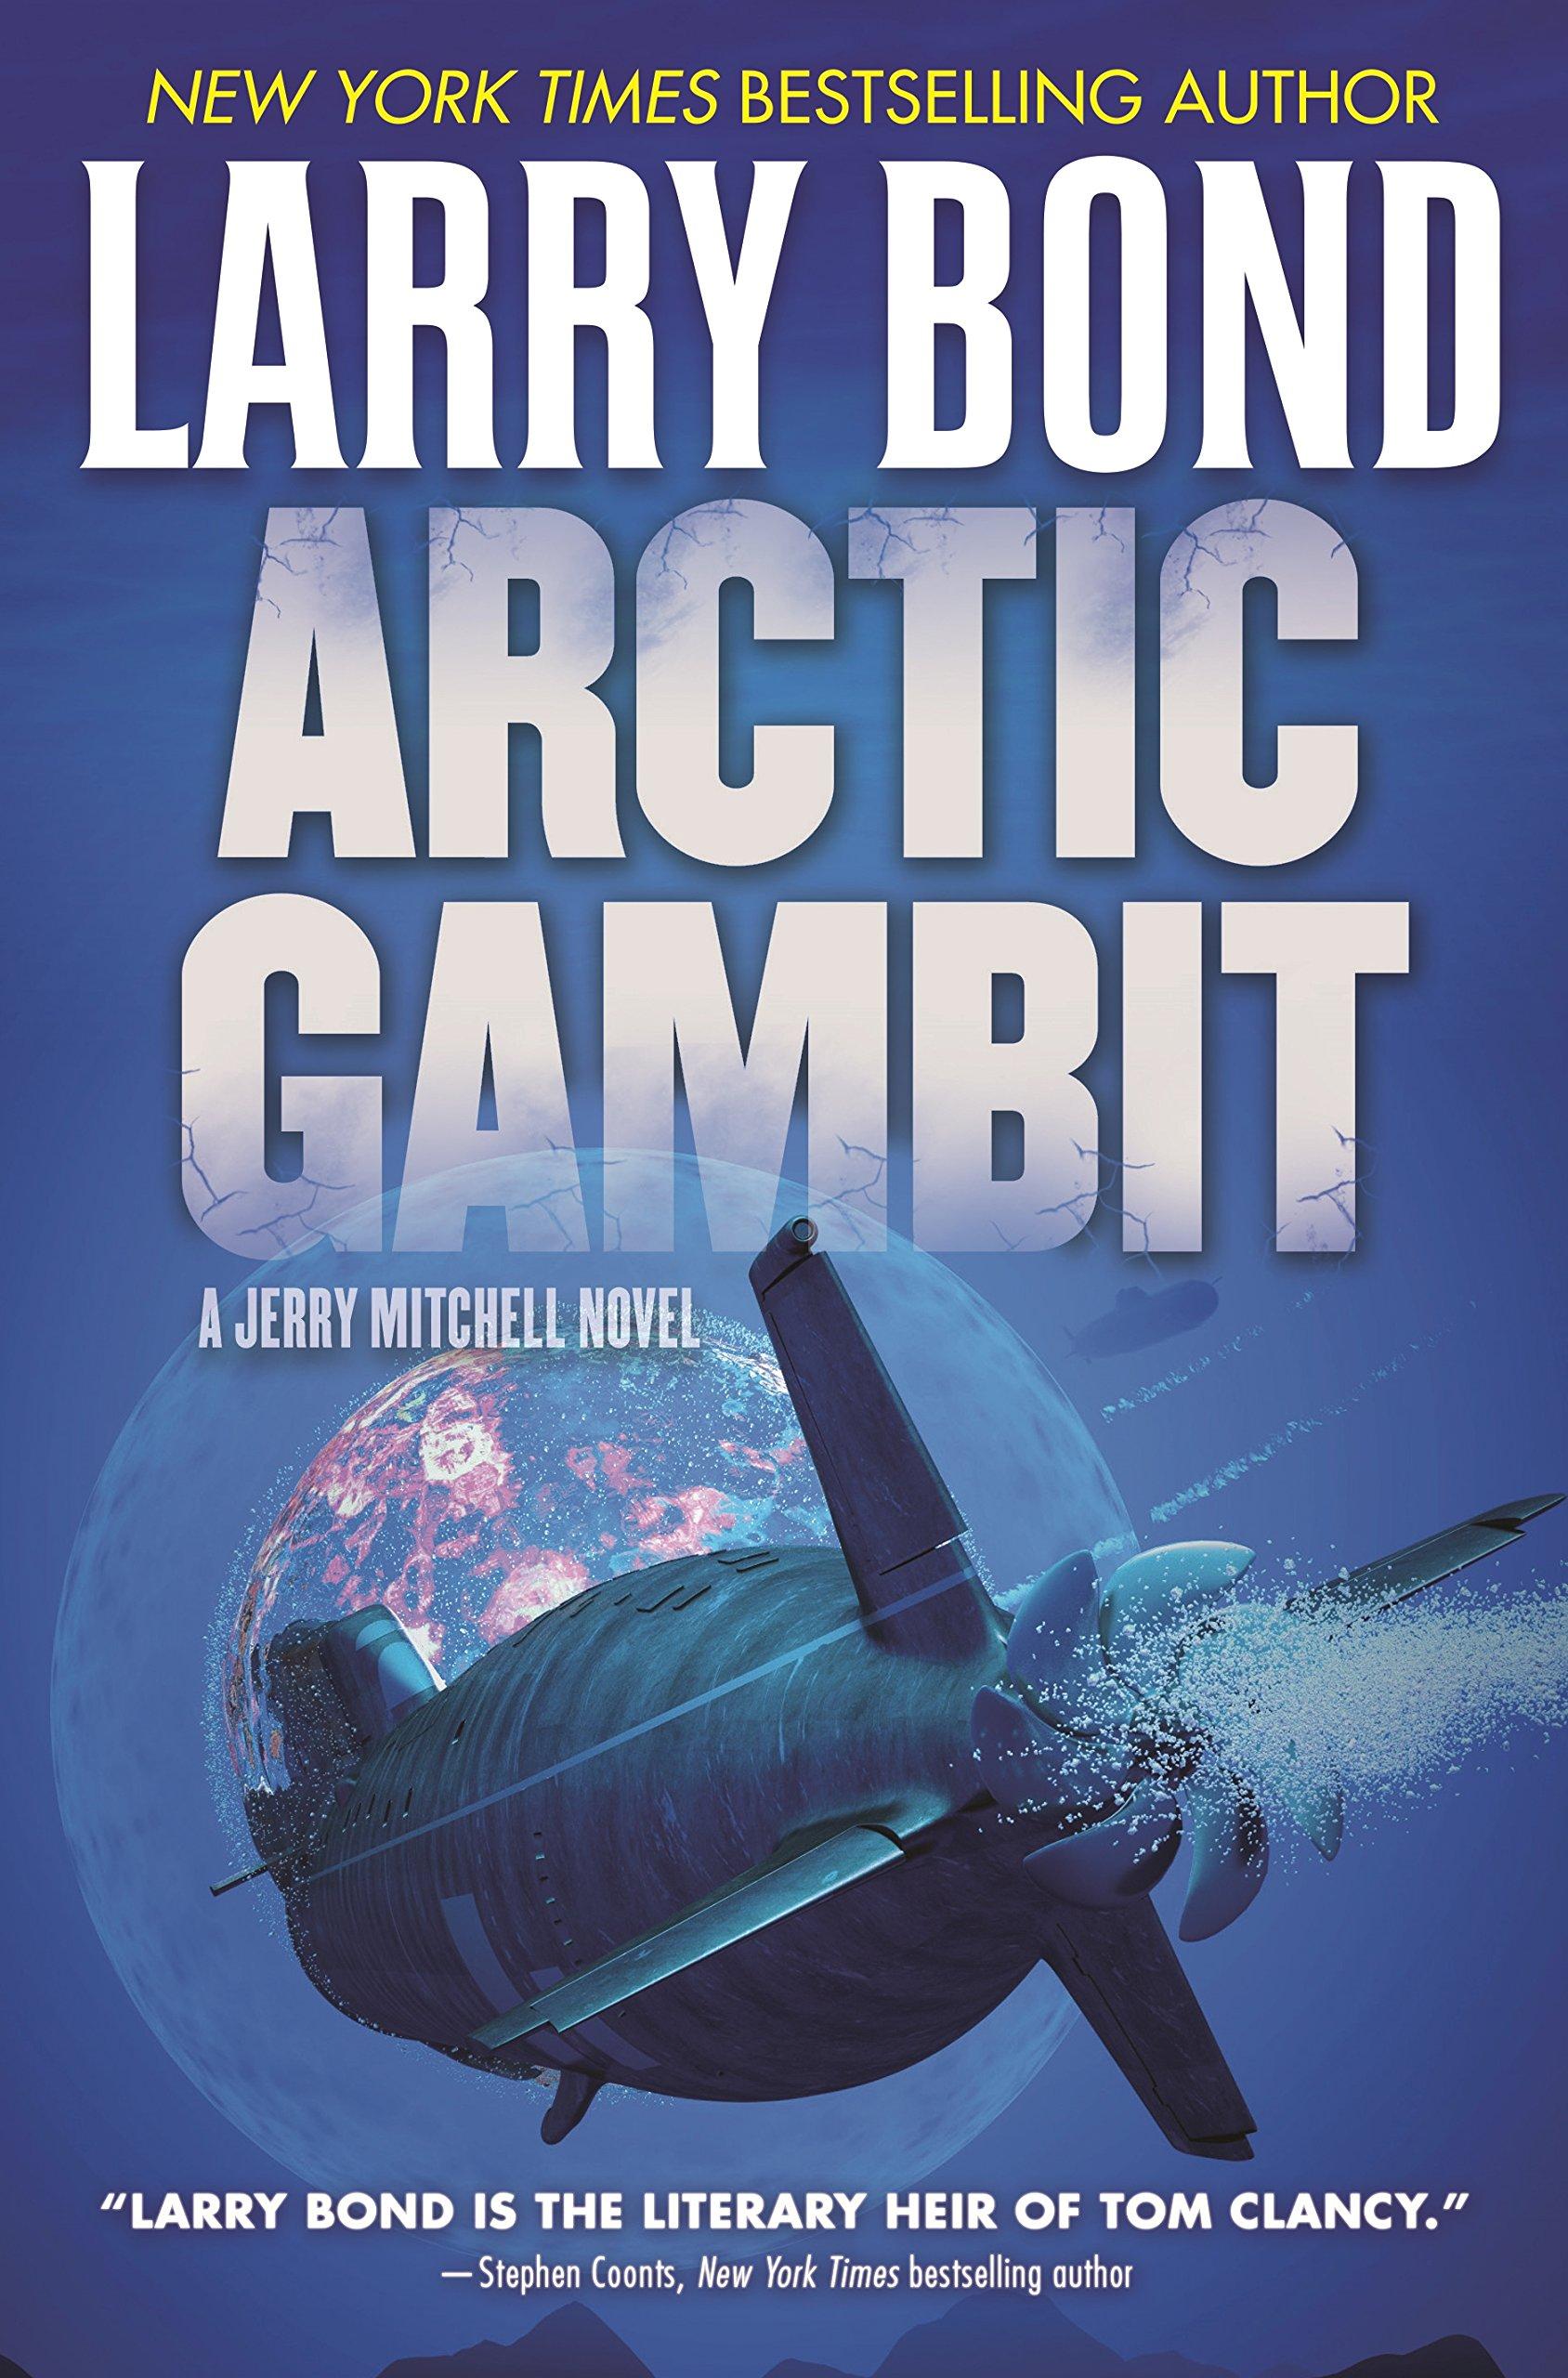 A Jerry Mitchell Novel Exit Plan